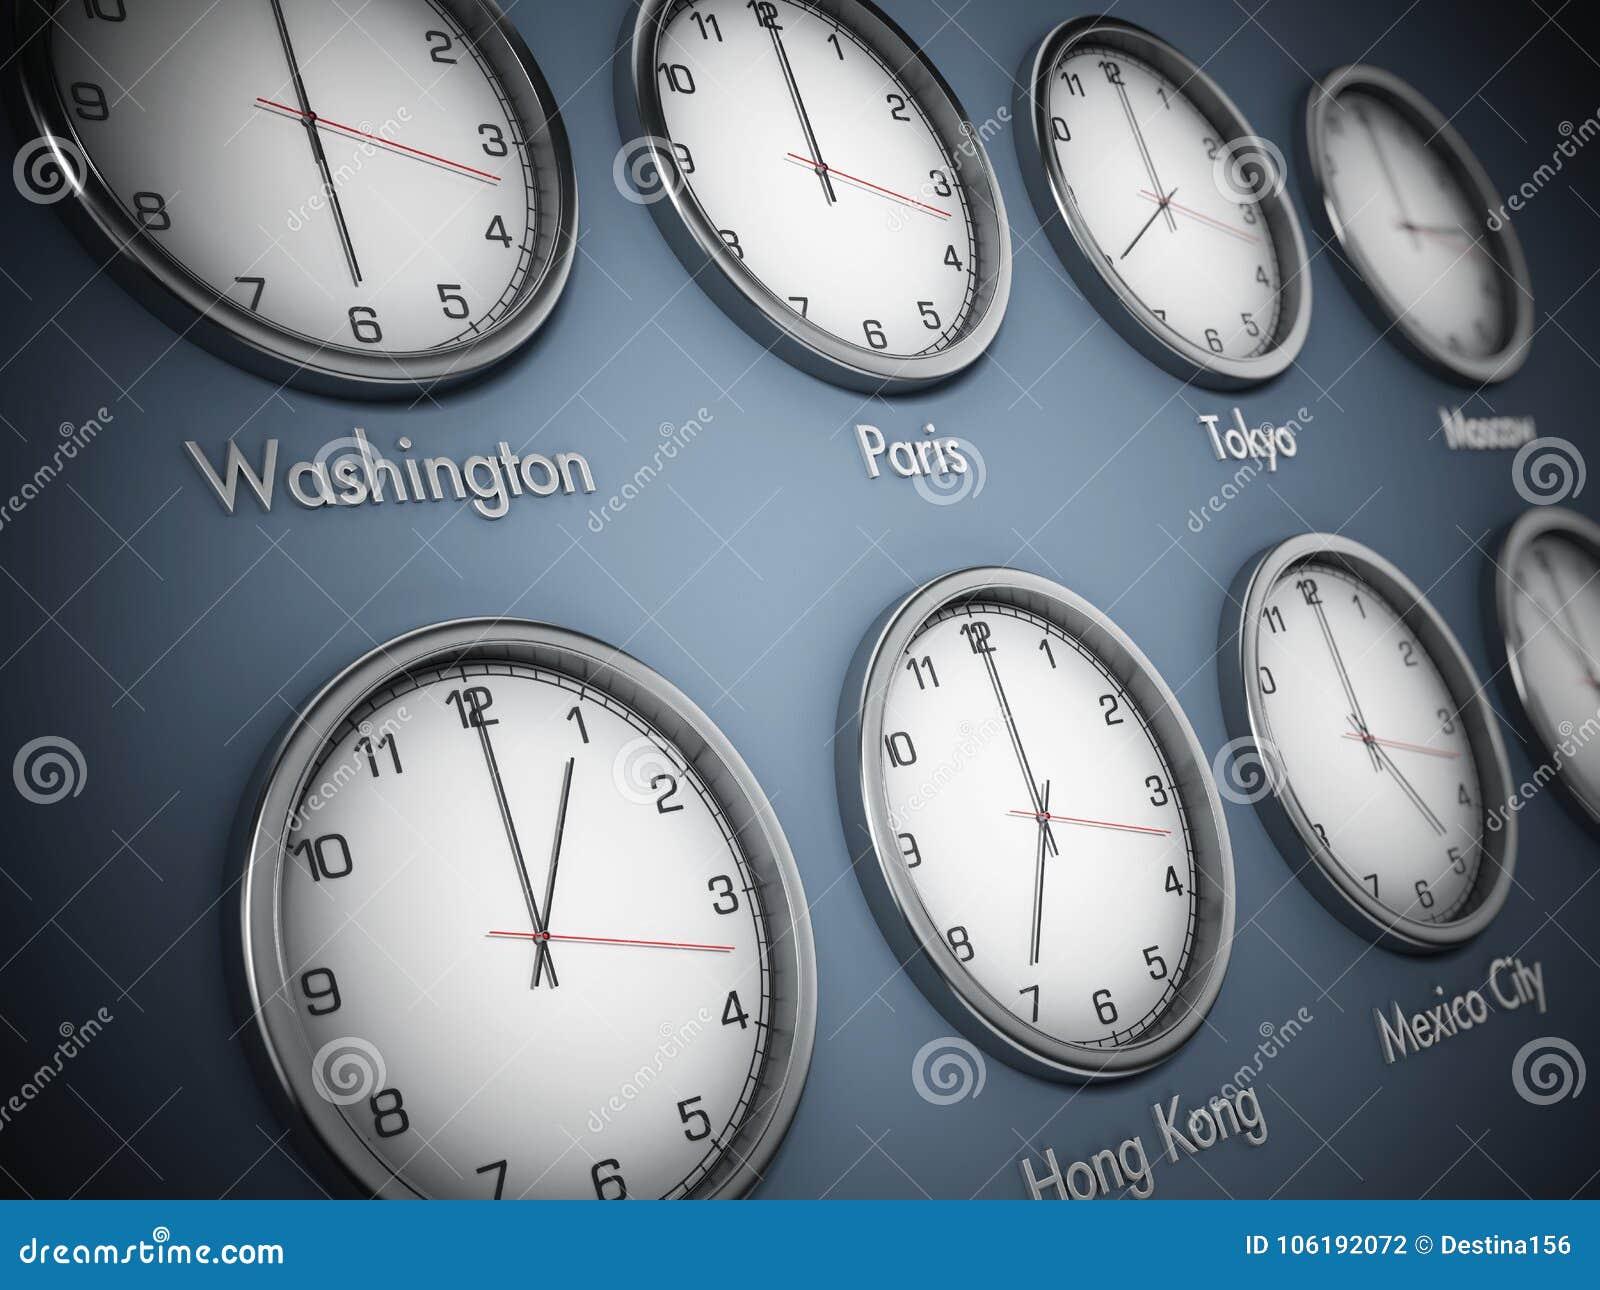 Relojes de pared modernos que muestran zonas de momento diferente de las ciudades del mundo ilustración 3D